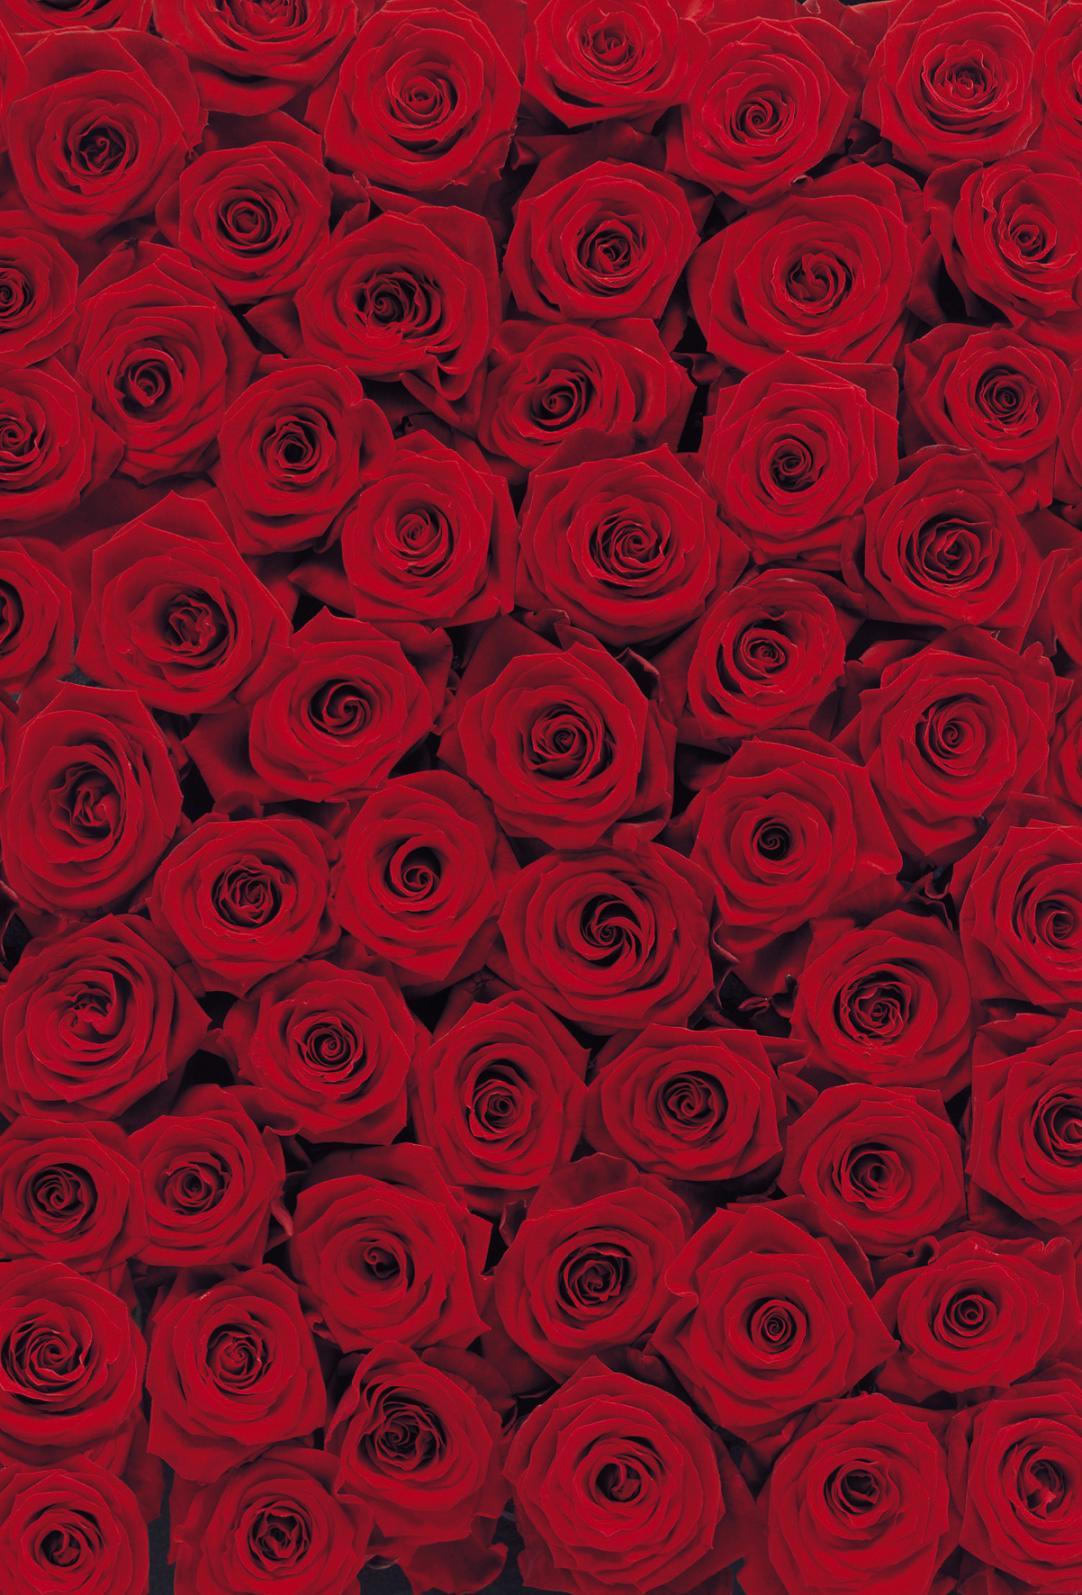 Fototapete deko bild tapete wand rosen foto design roses for Tapete rosen